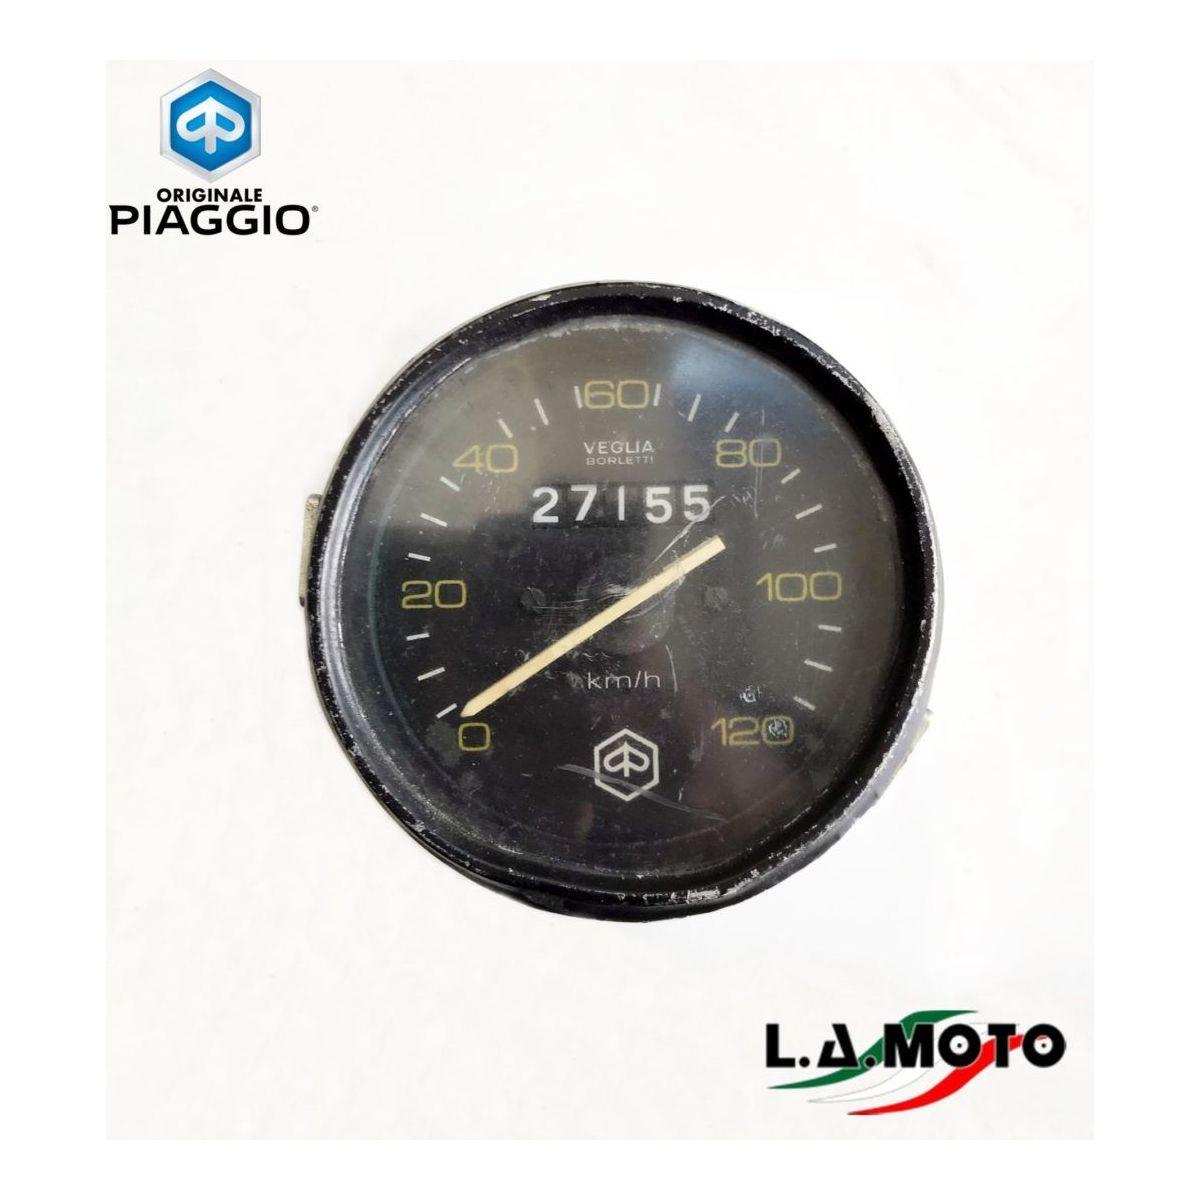 CONTACHILOMETRI ORIGINALE USATO VESPA PX 125 150 200 cc